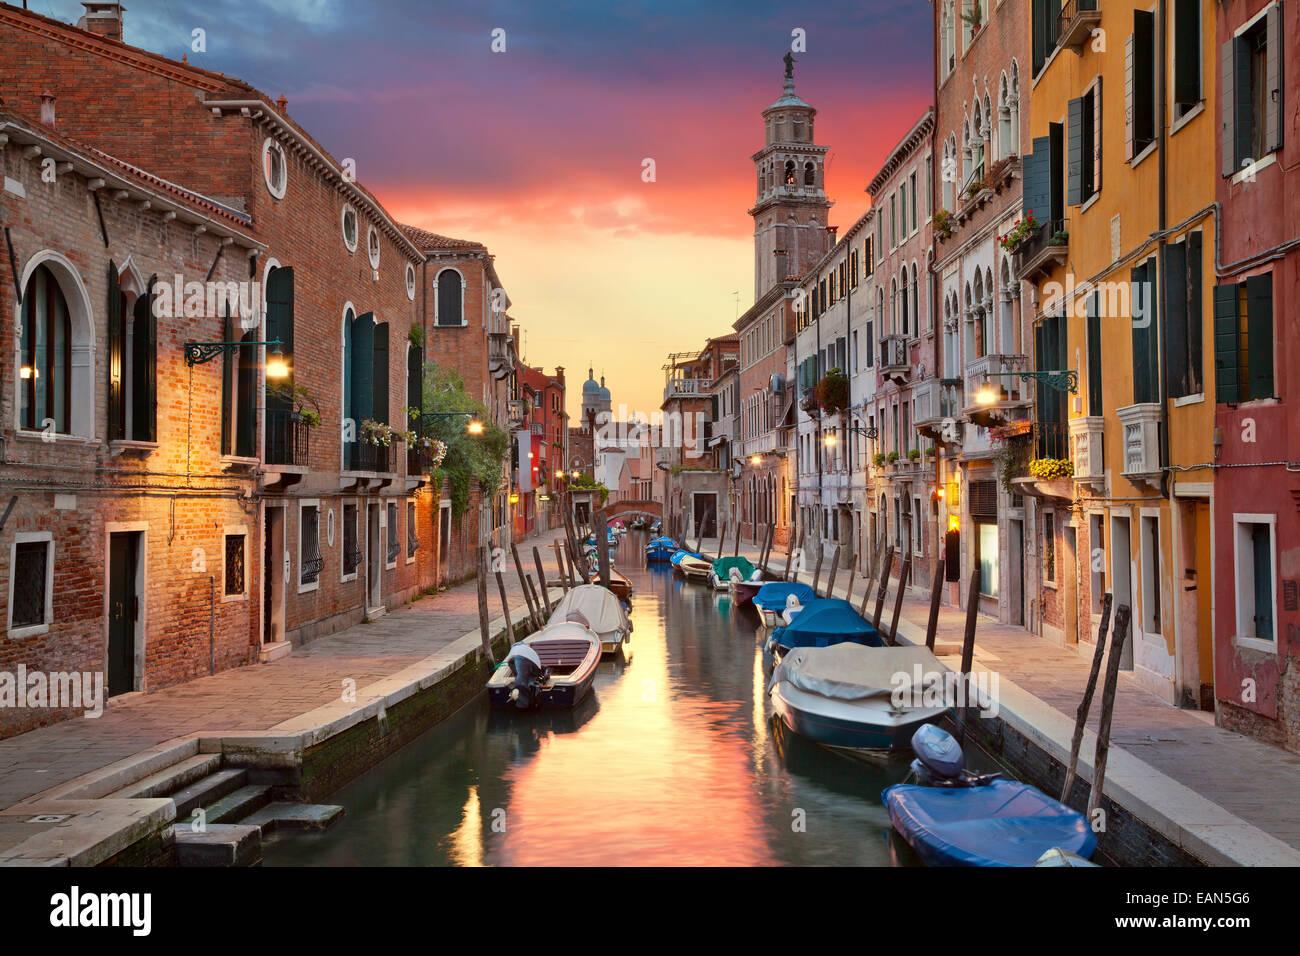 Einer der vielen schmalen Kanälen in Venedig bei Sonnenuntergang. Stockbild